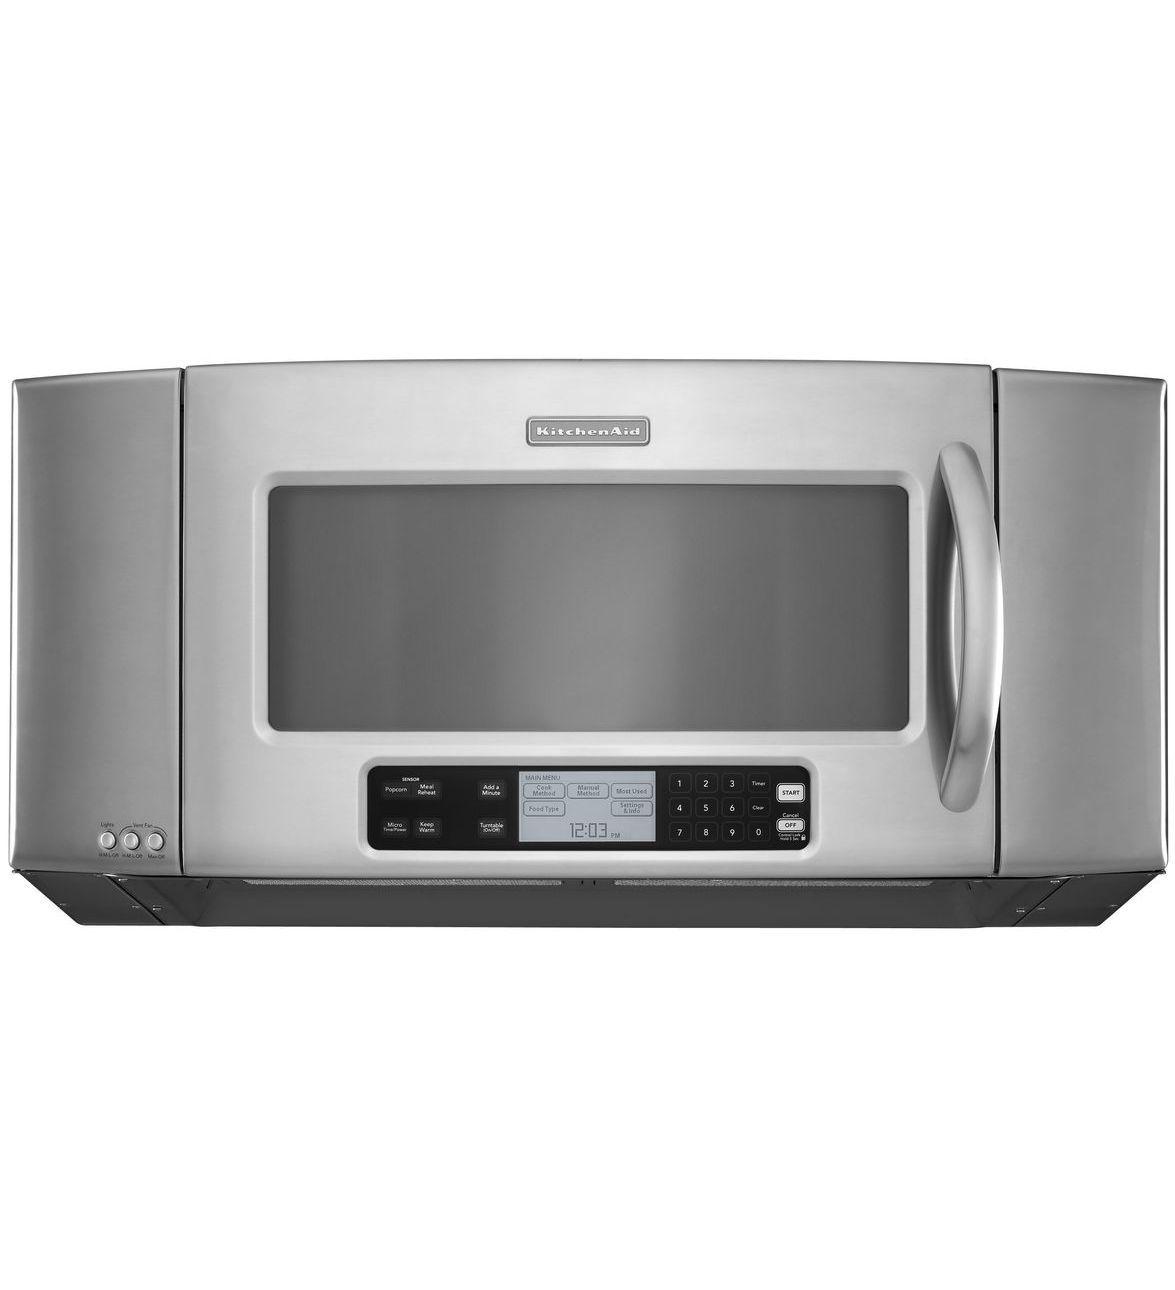 watt microwave hood combination oven